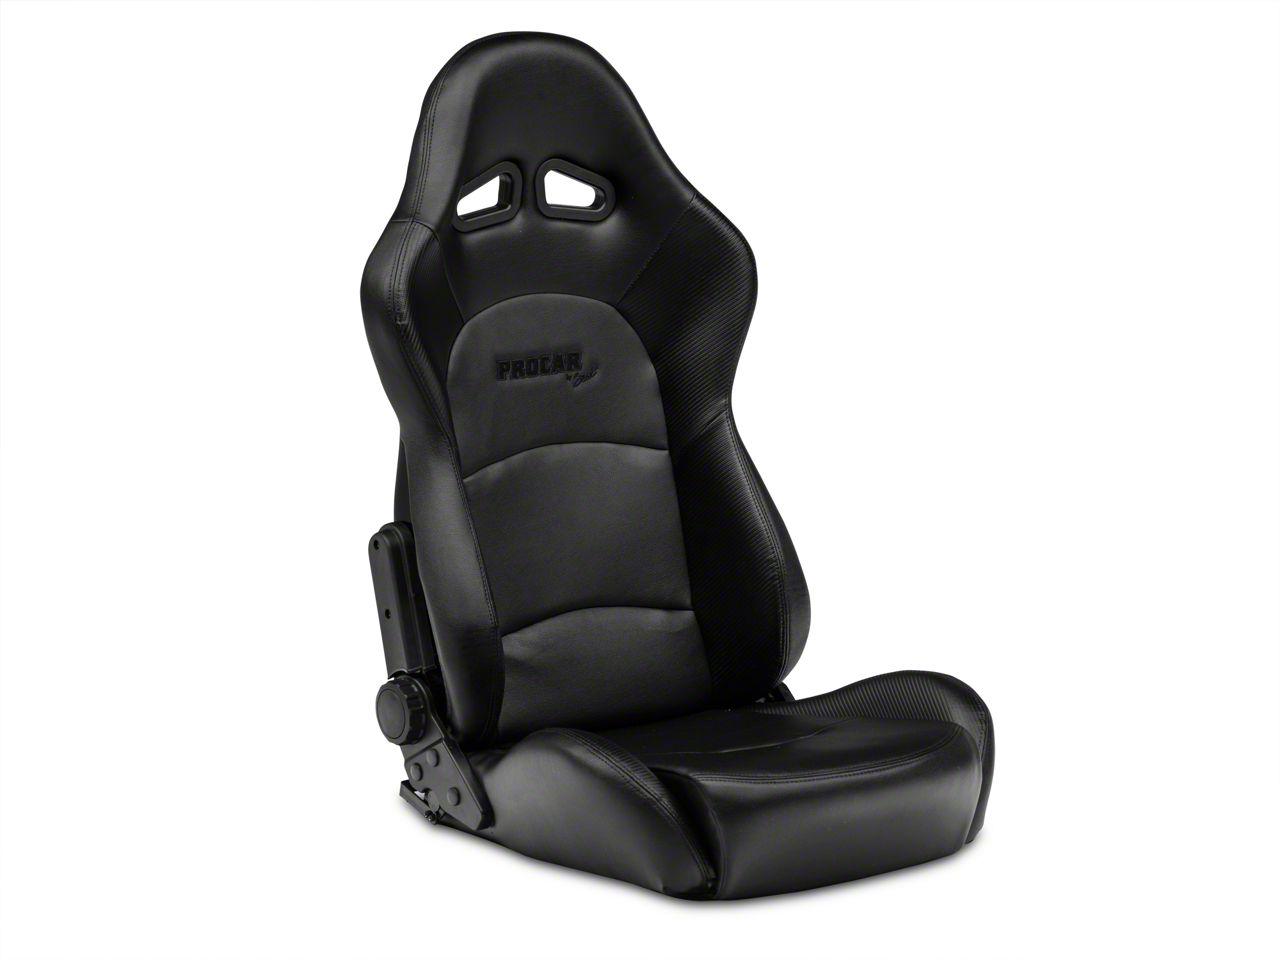 Add Procar Sportsman Pro Black Vinyl Reclining Seat